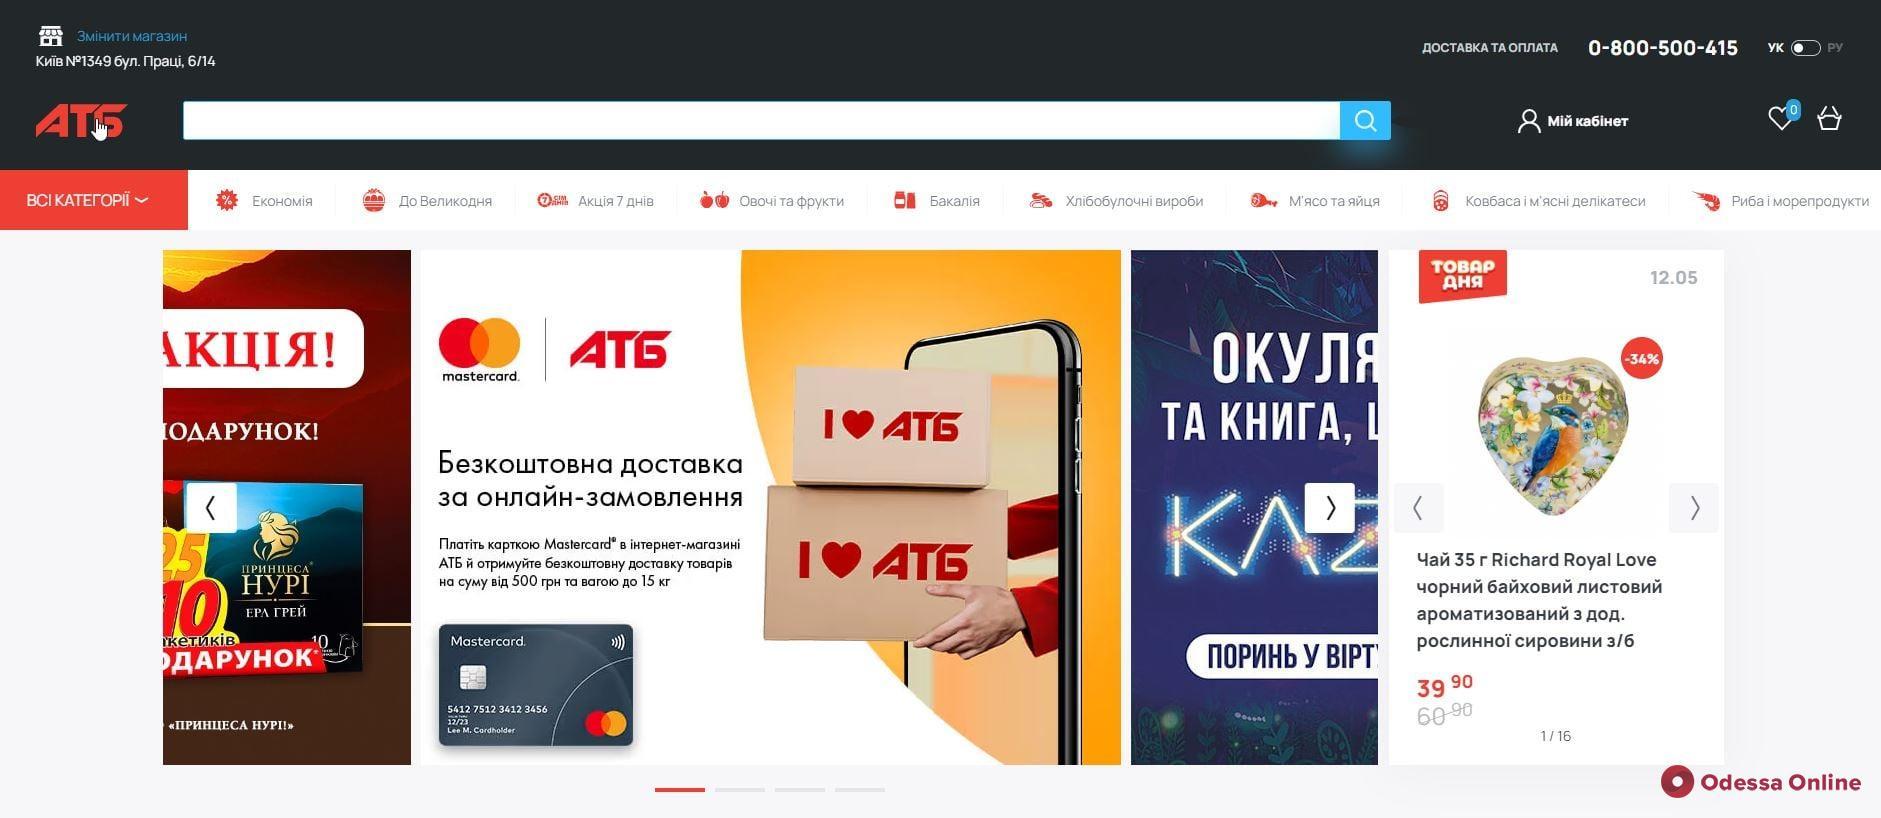 «АТБ» онлайн: как первый продуктовый интернет-магазин полного цикла изменил за год украинскую торговлю